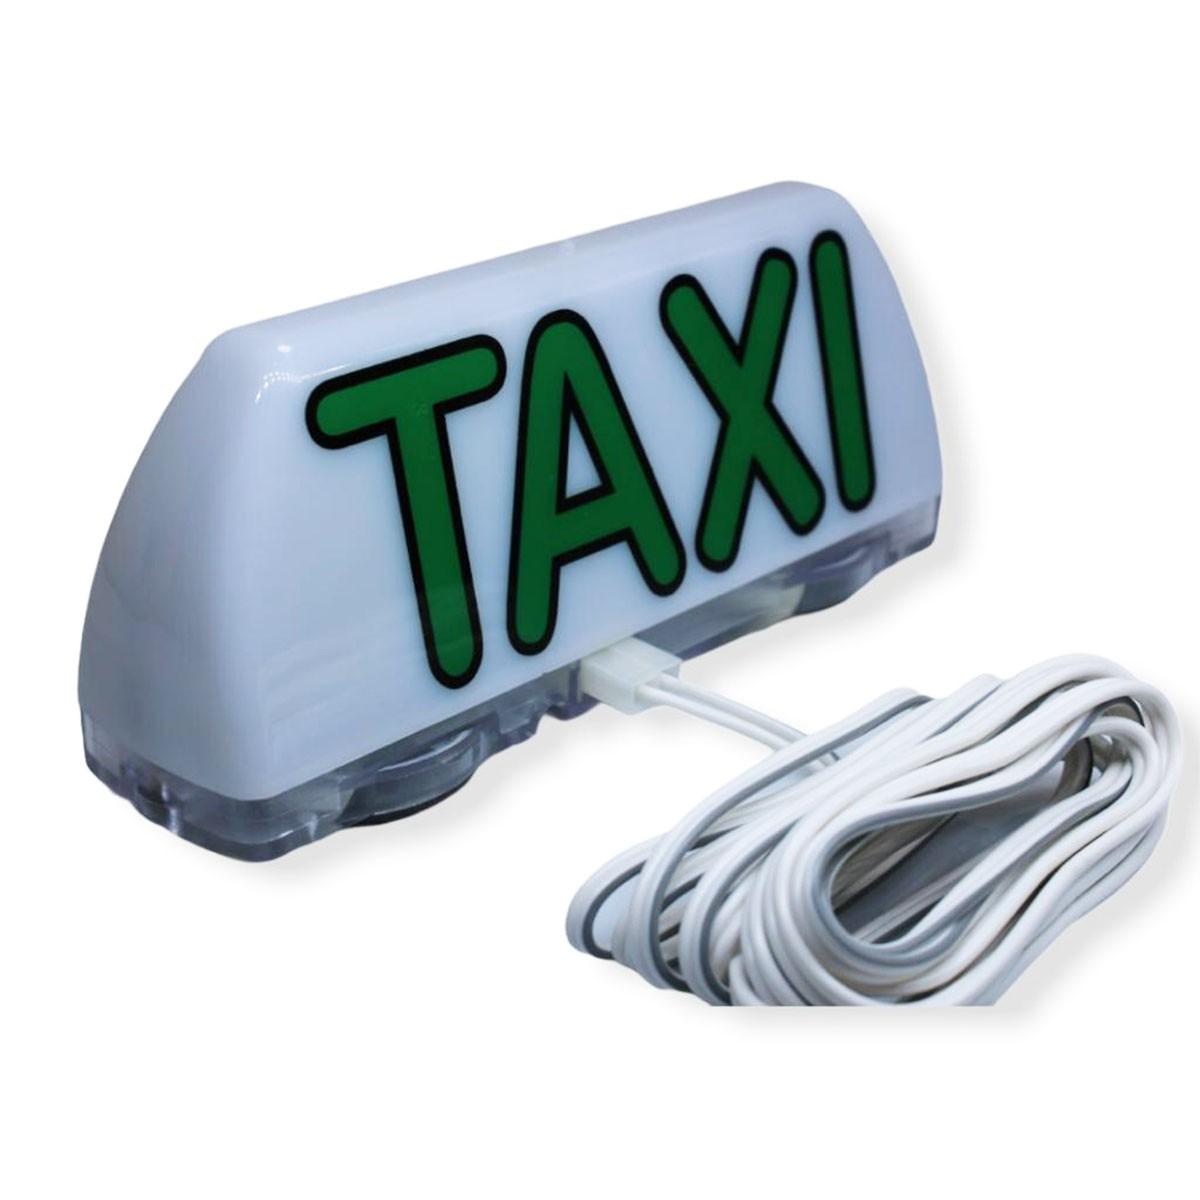 Luminoso Taxi 2 Imãs Pequeno Iluminação Led 12v  FIP